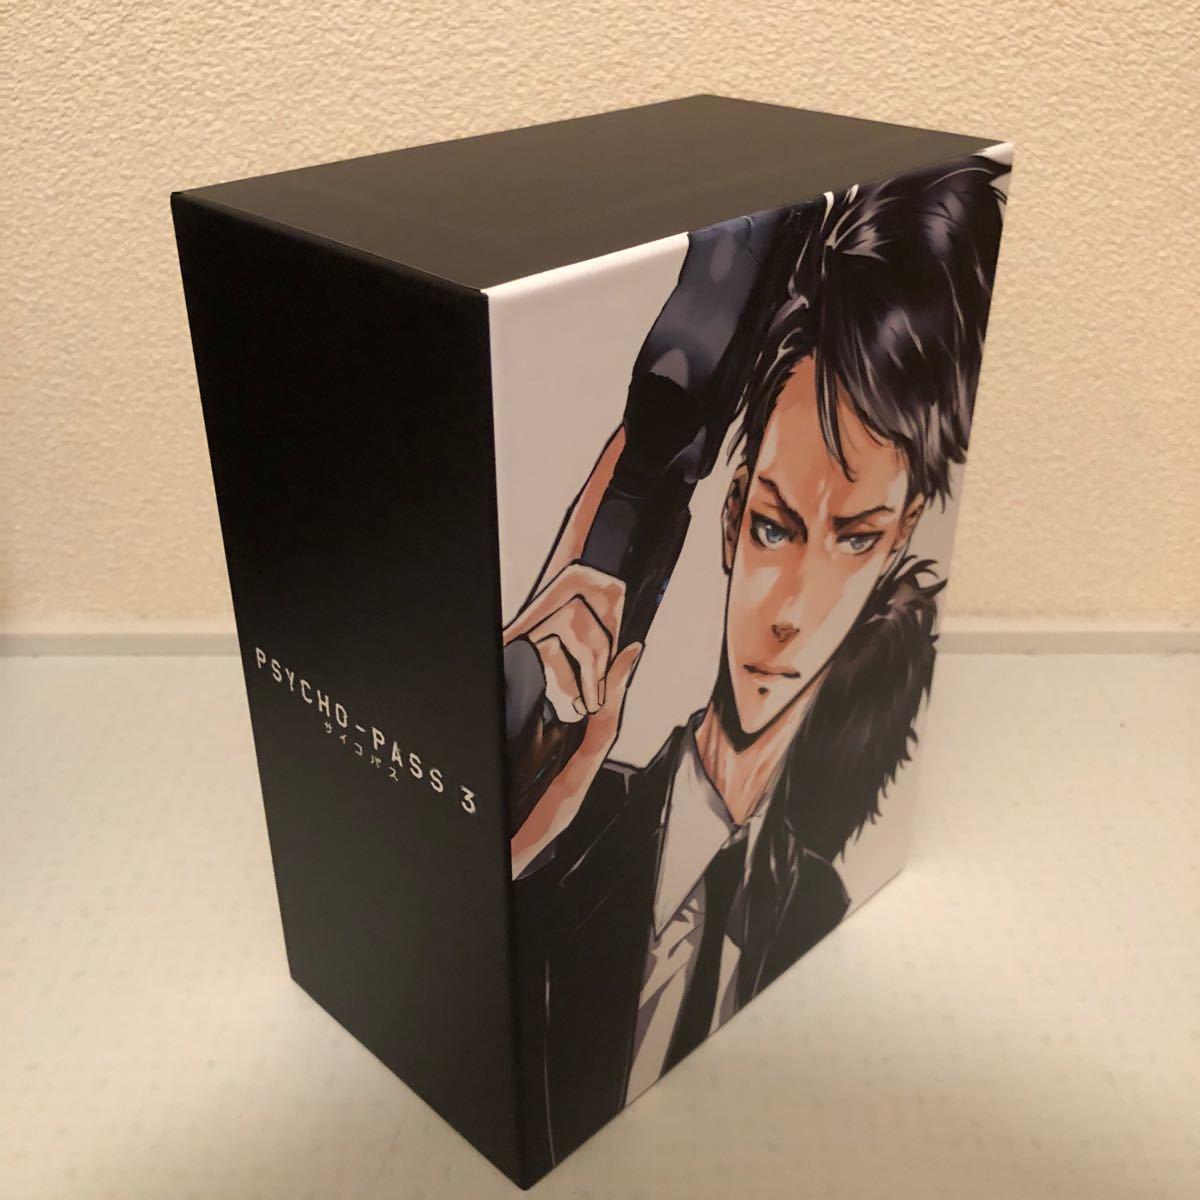 テレビアニメサイコパス 3 blu-ray 全巻セット 収納boxつき